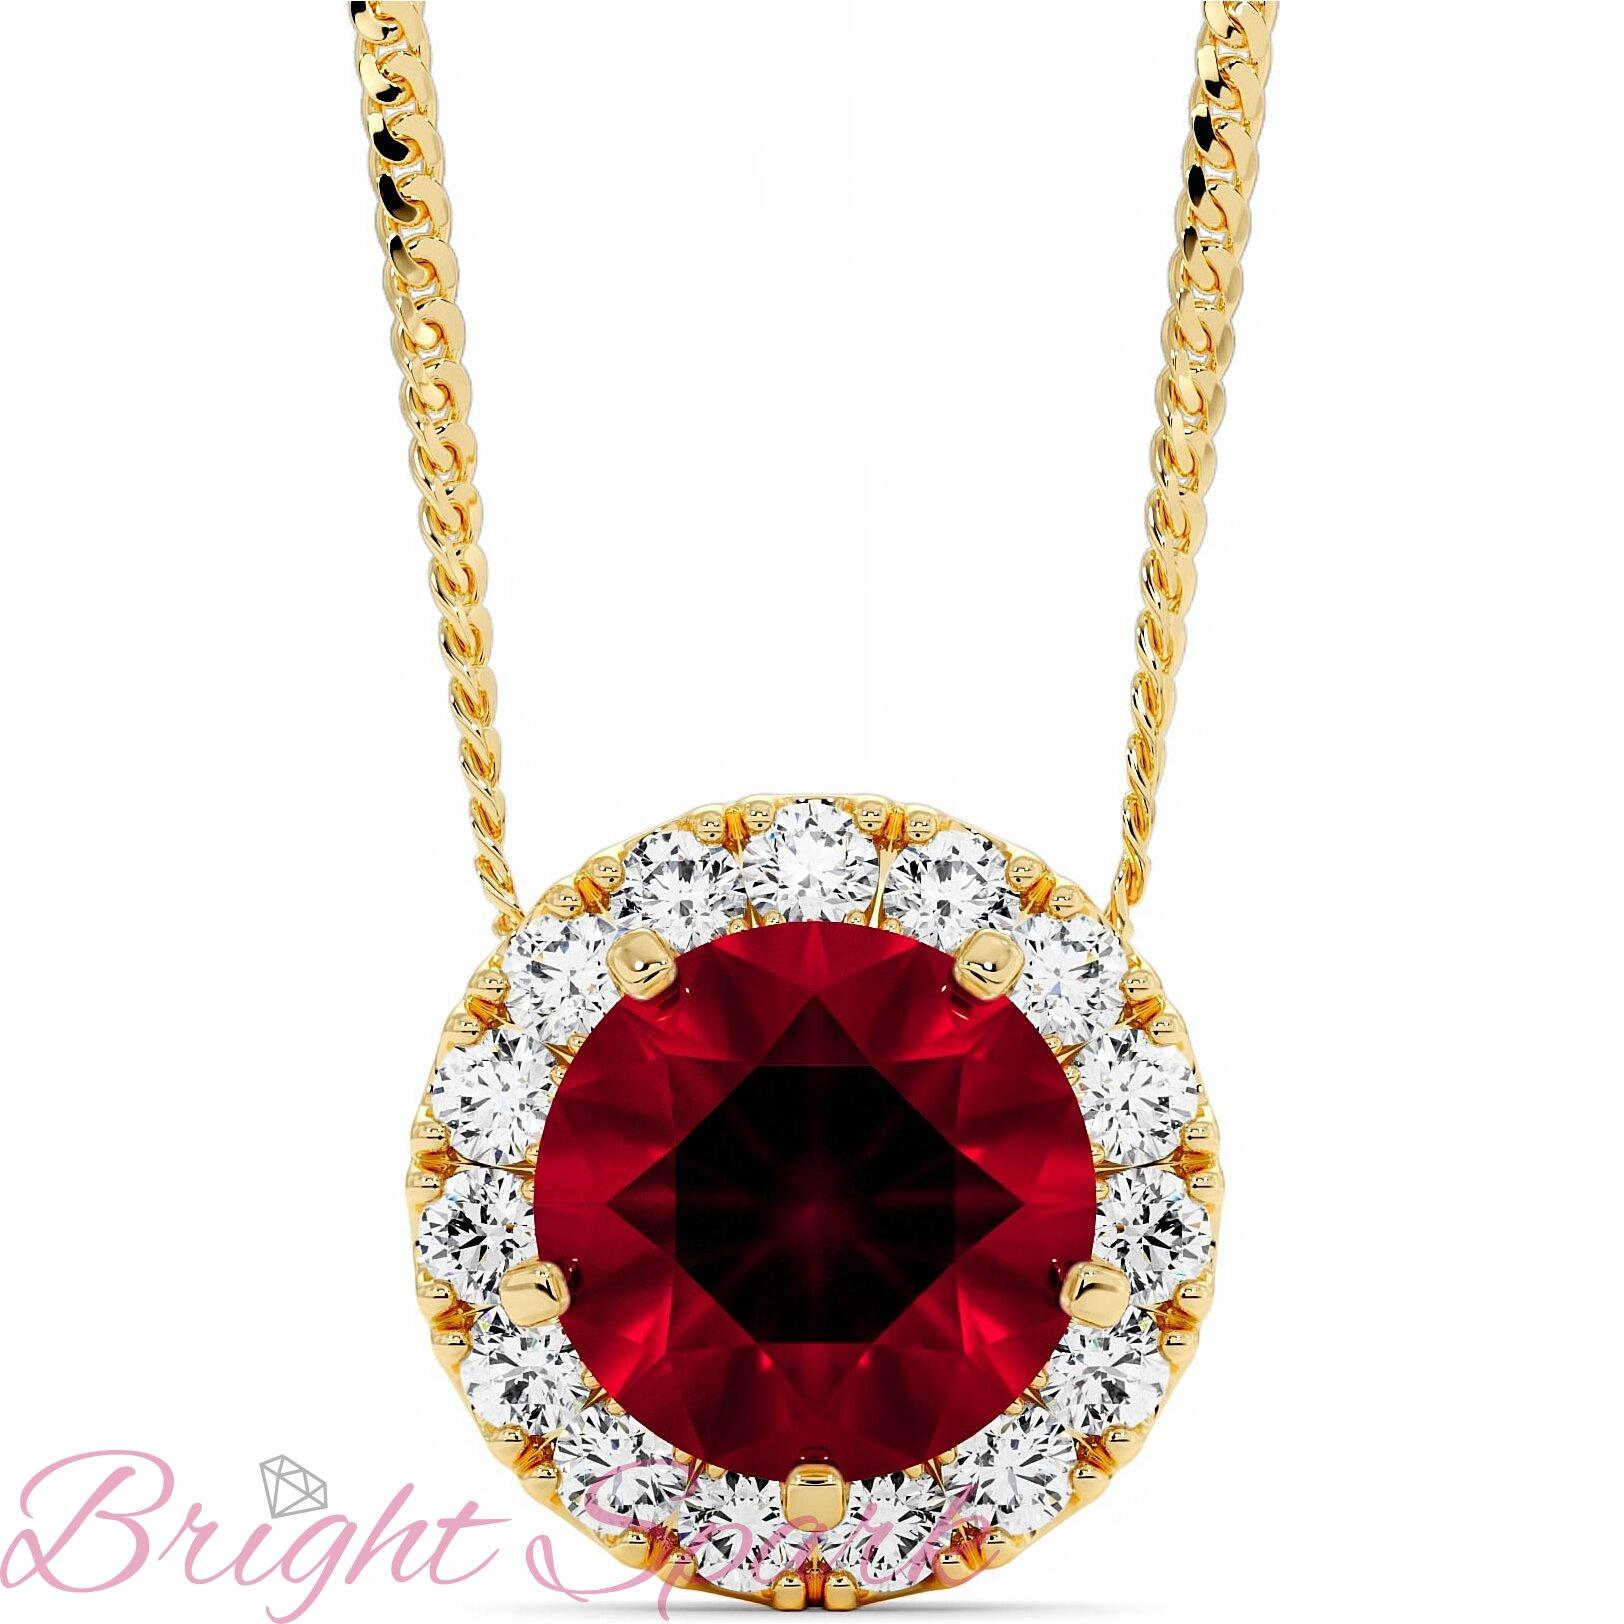 Золотая подвеска-бегунок c рубином в ореоле Amalia 1,4 карата